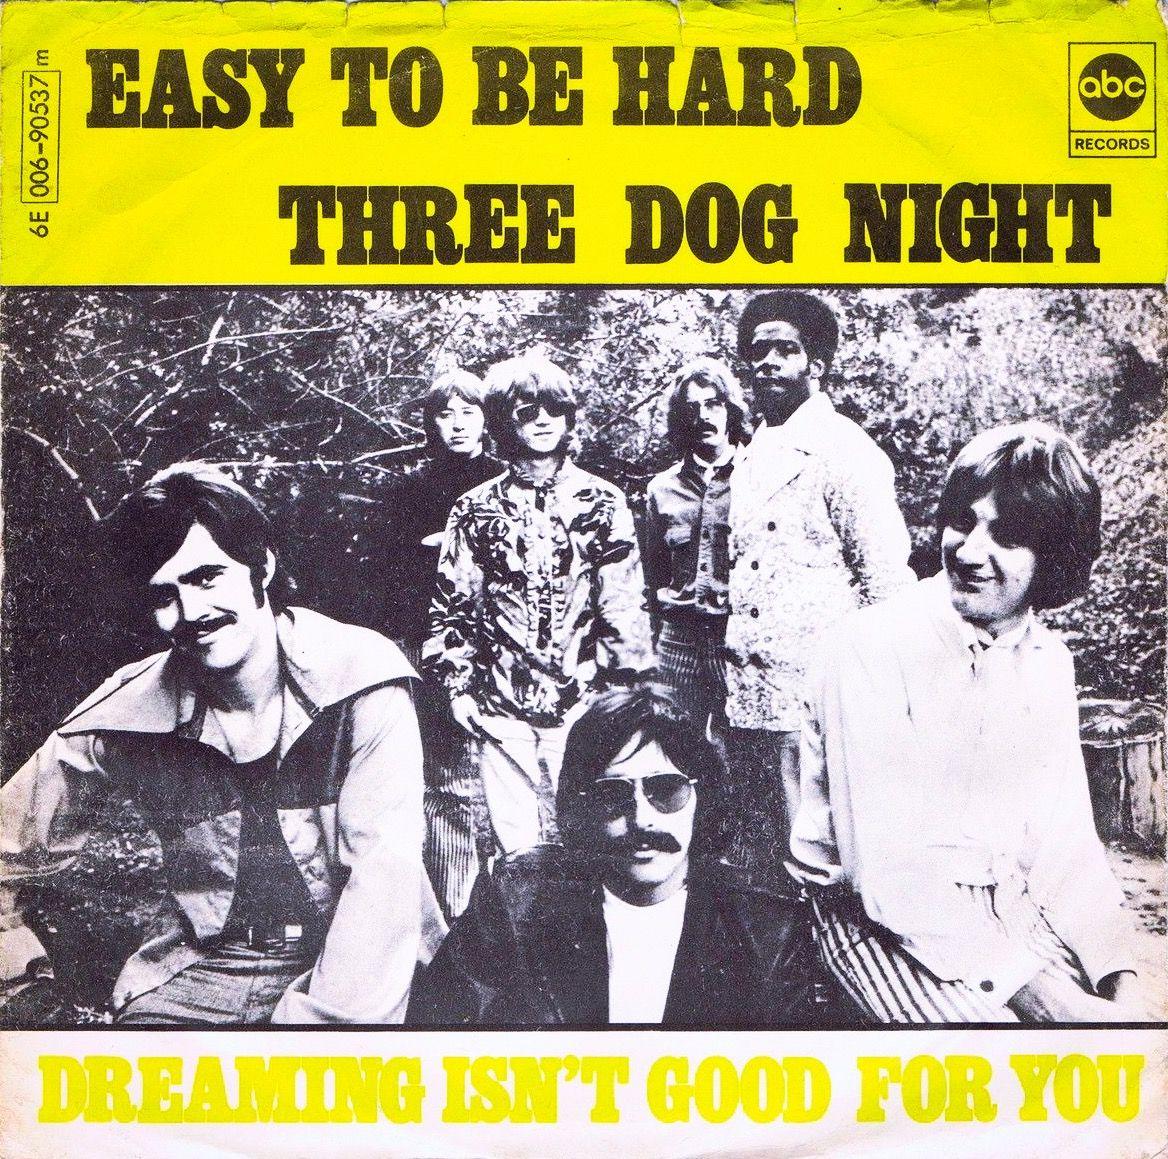 Easy To Be Hard 1969 Three Dog Night Three Dog Night Nights Lyrics Dogs